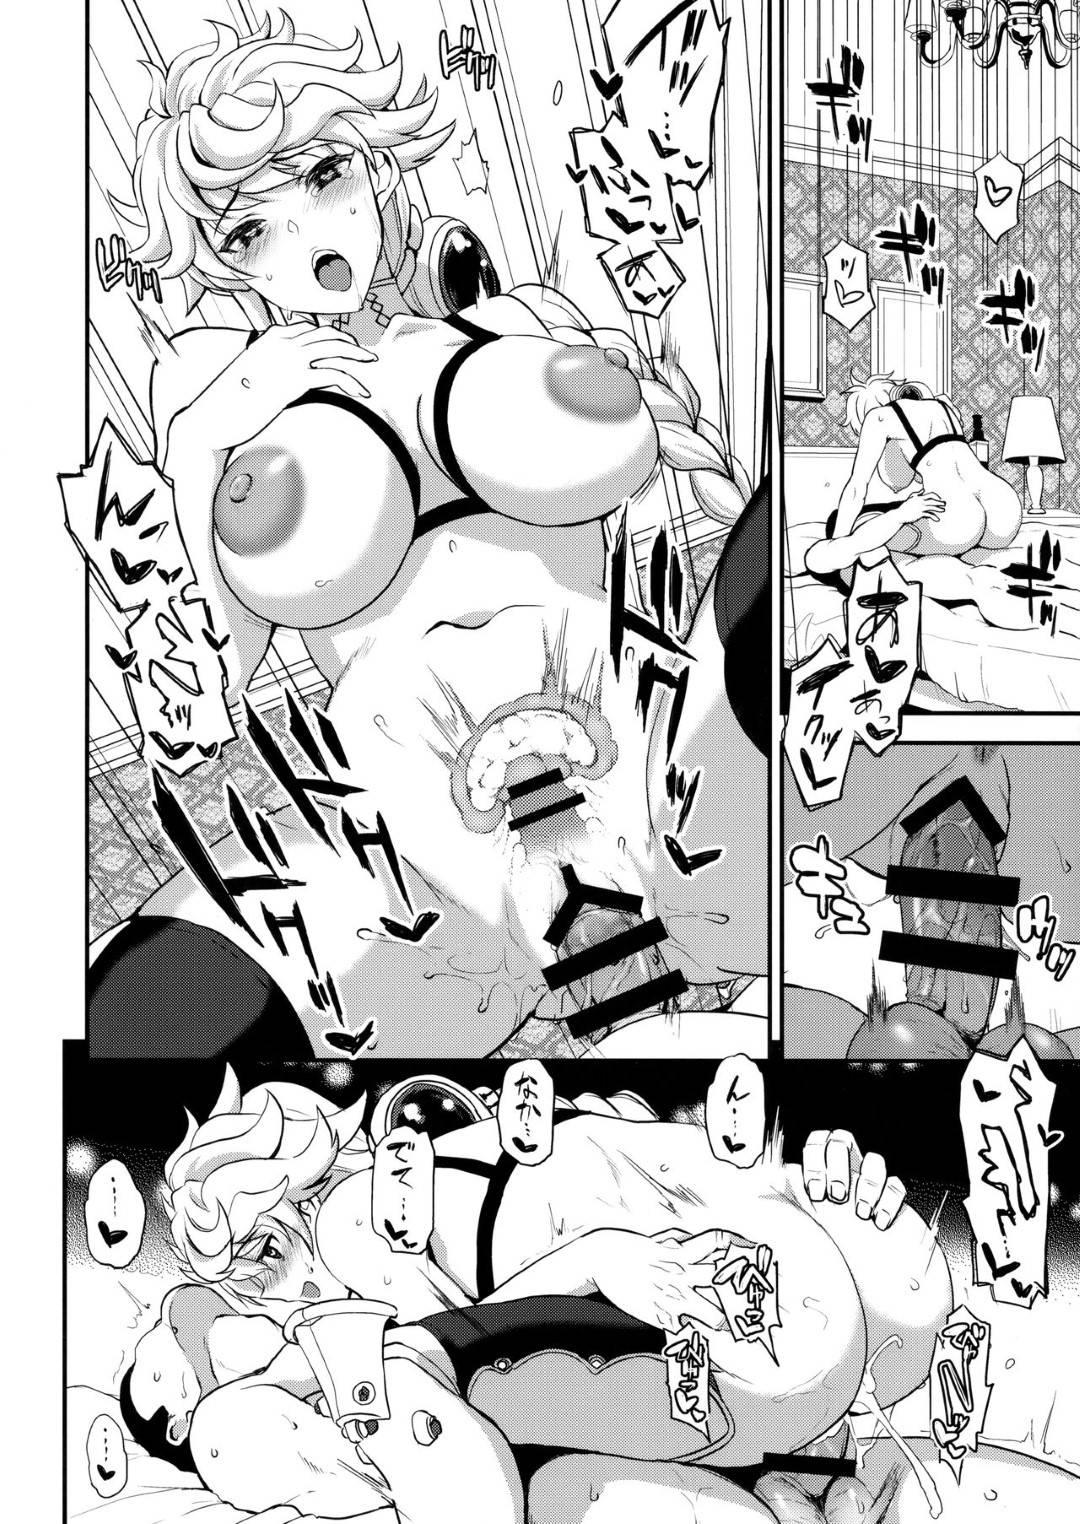 【エロ同人誌】提督から不思議ちゃんであると思われている雲龍ちゃん…実はかなりの淫乱で提督のチンポを包み込む、柔らかでたわわな胸でのパイズリに大量射精してしまう!【艦隊これくしょん】